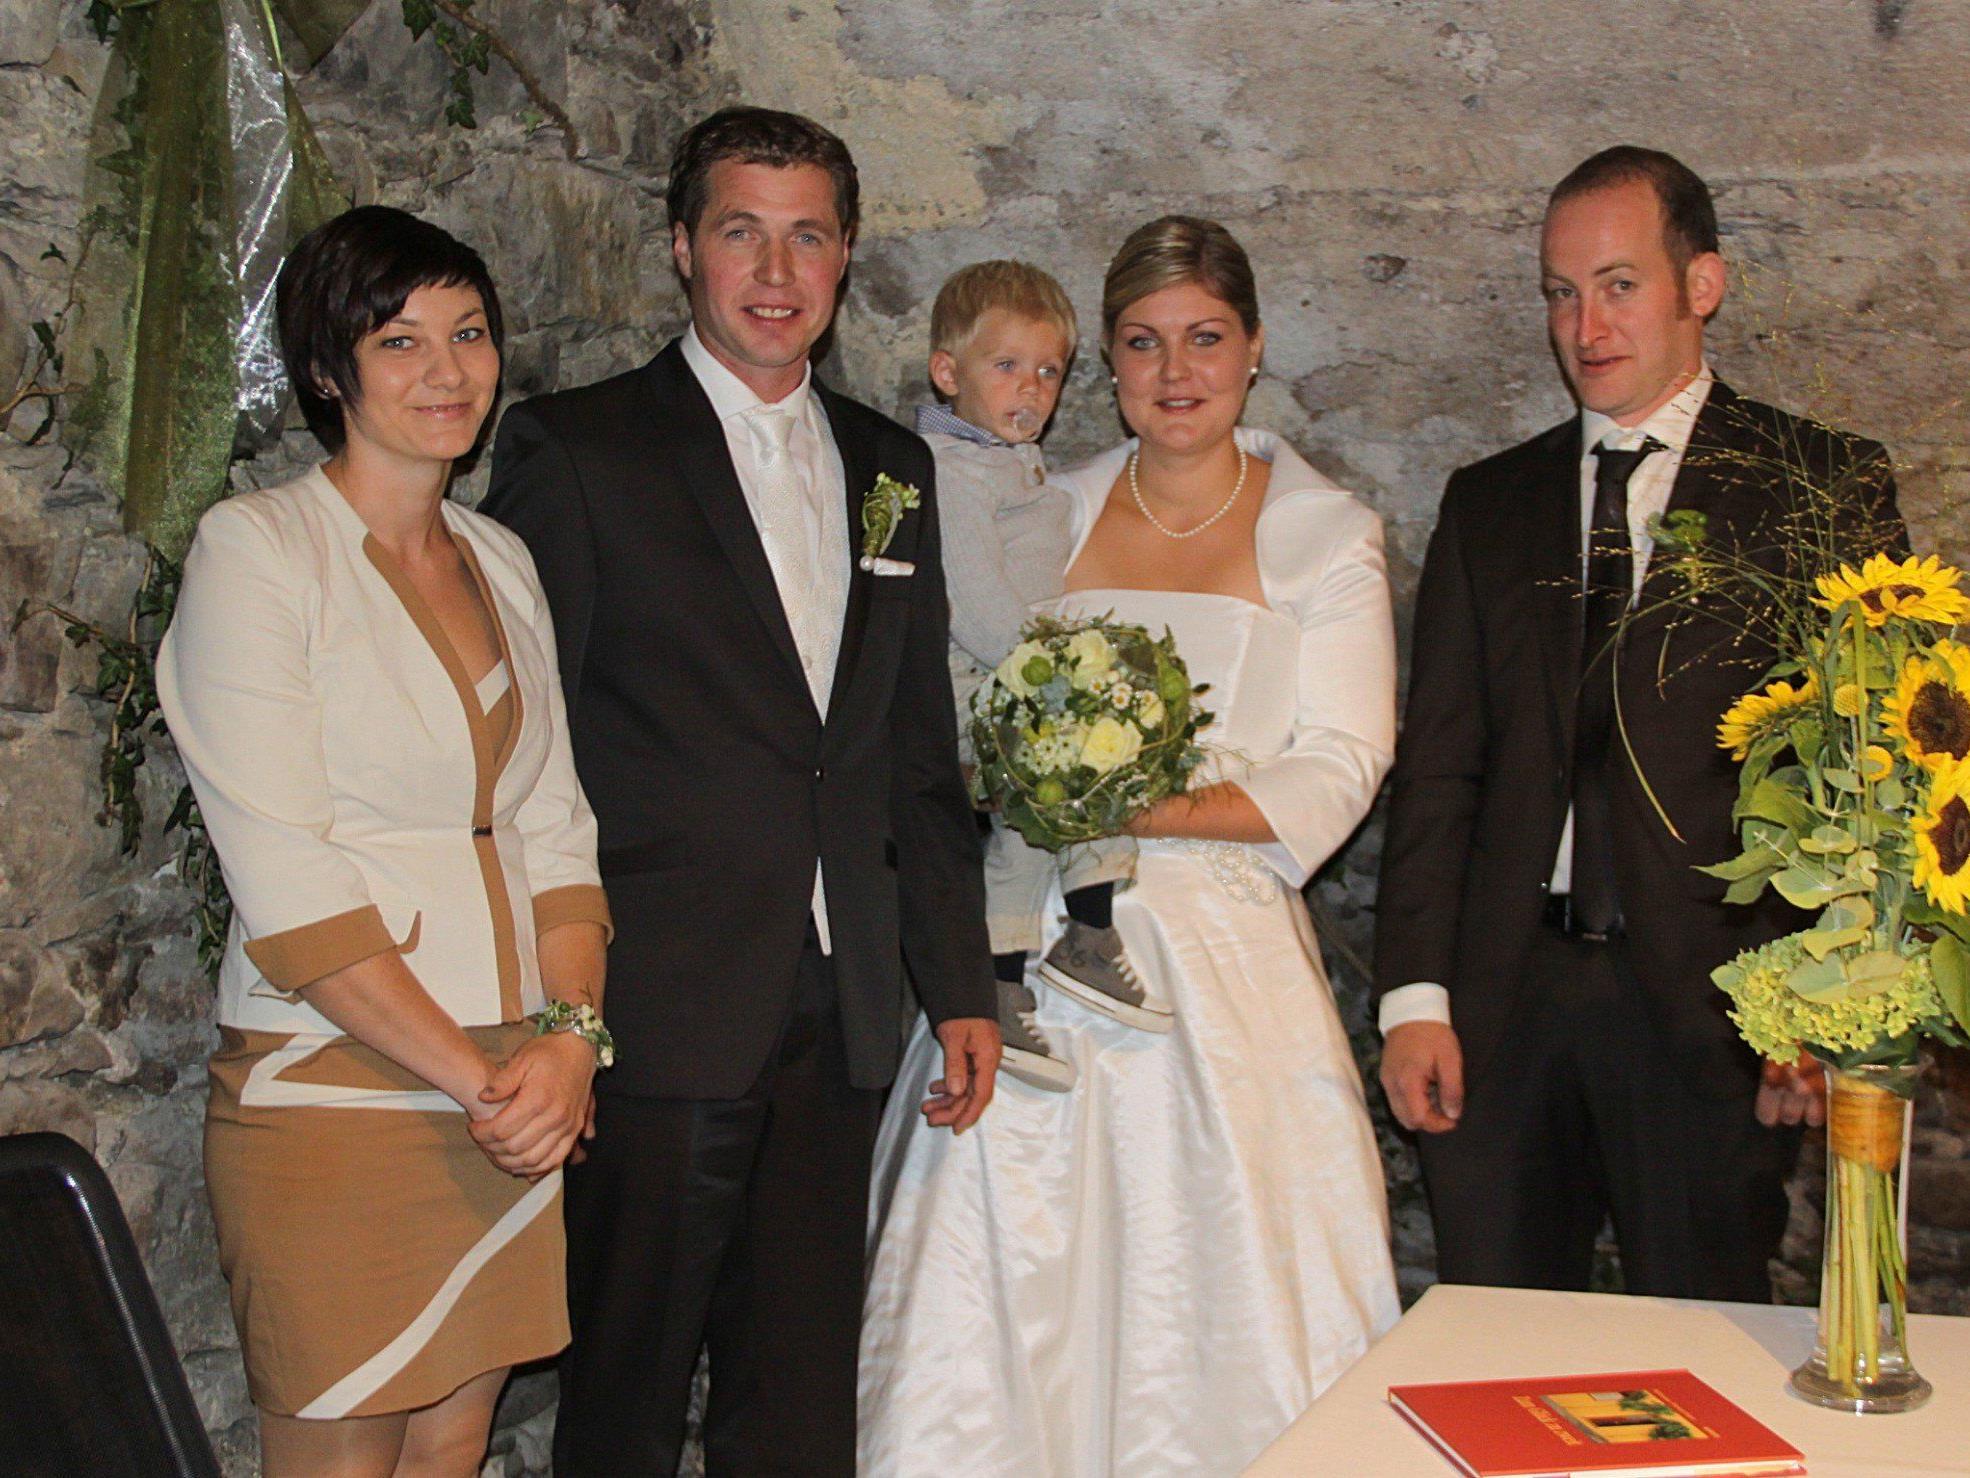 Anni Schnetzer und Daniel Lins haben geheiratet.